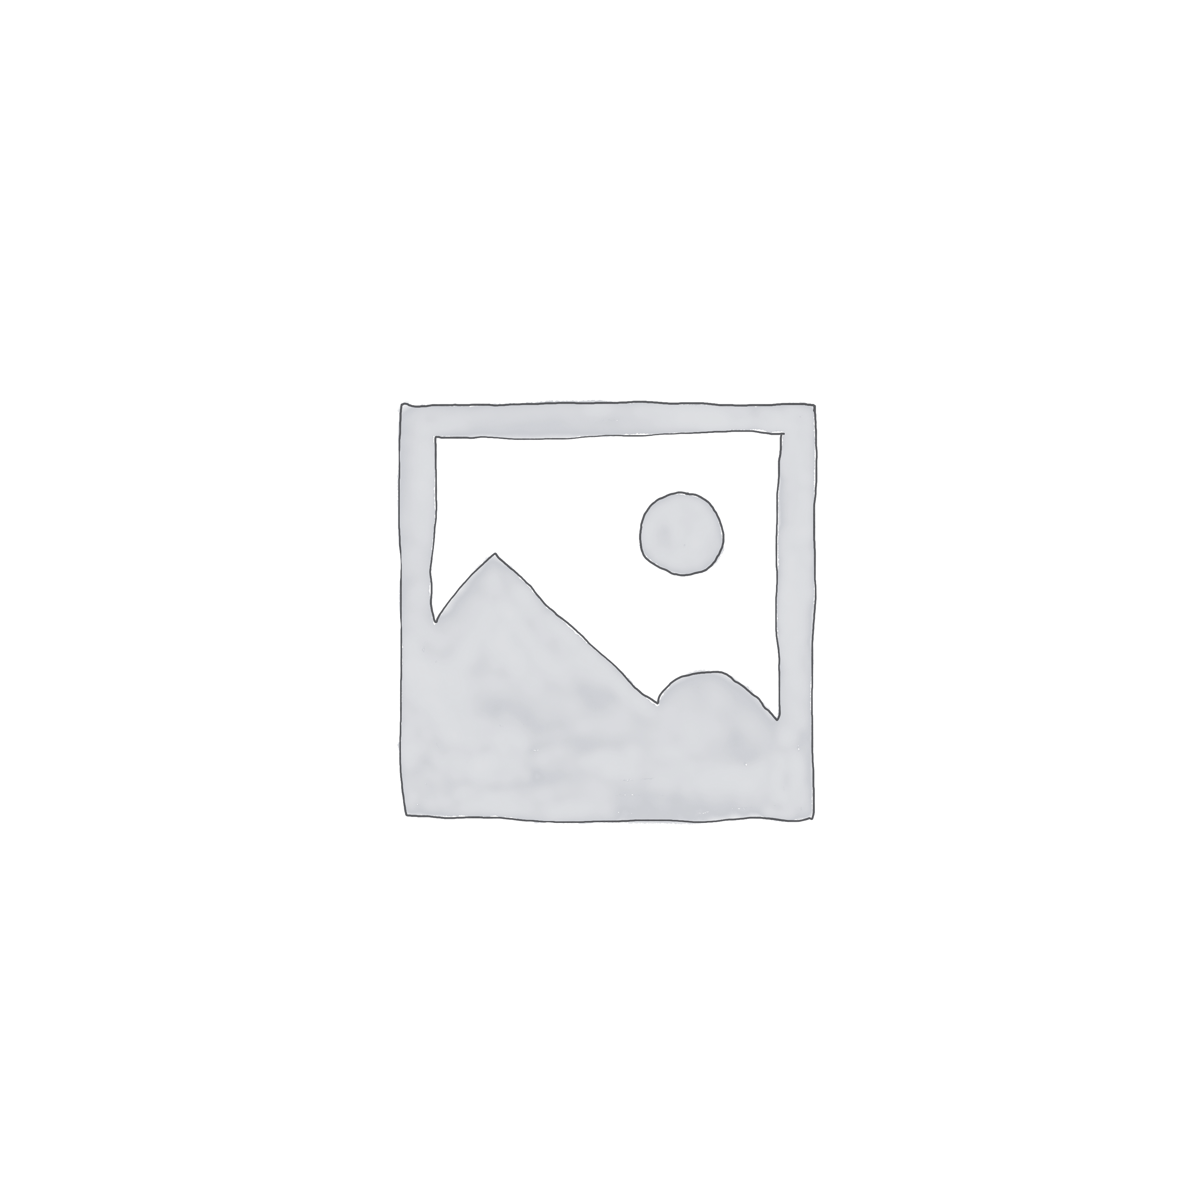 Torebka fałdowa 25x10x6cm biała TBF